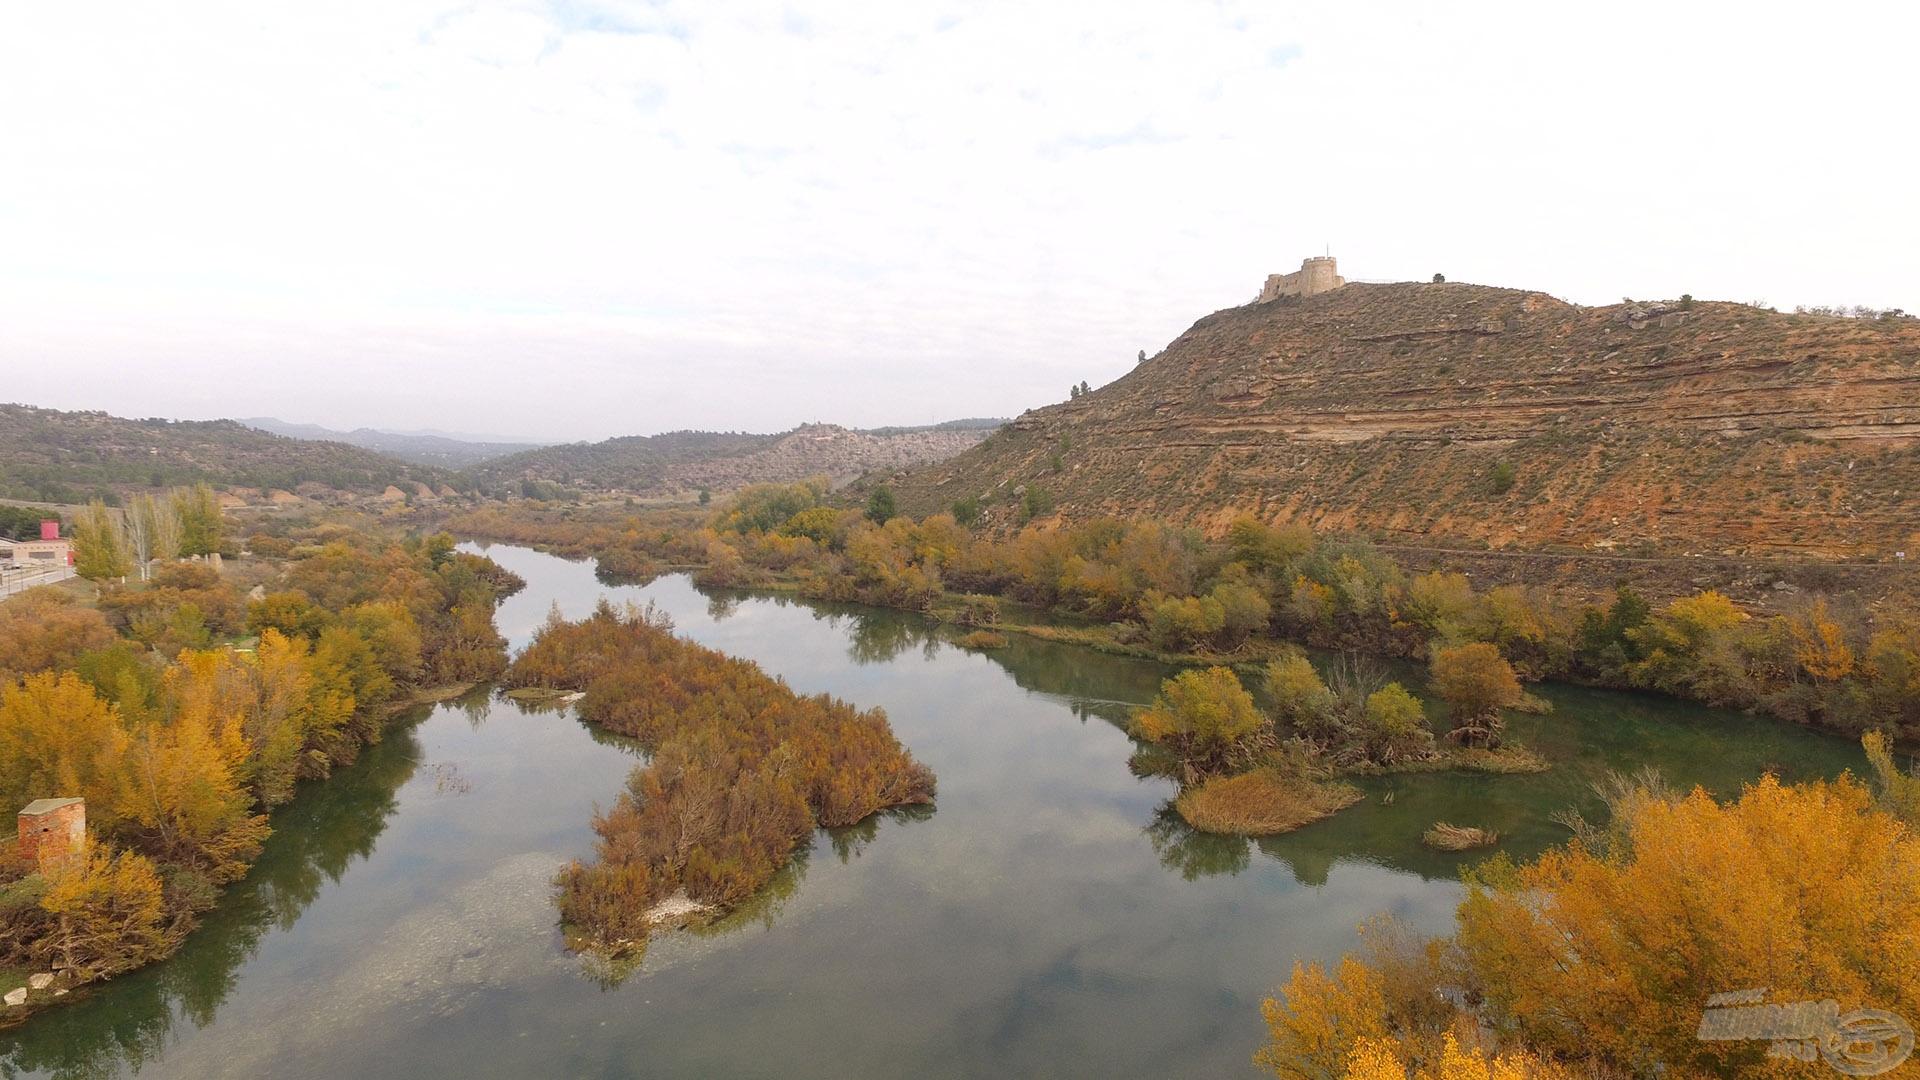 Itt csordogál békésen az Ebro folyó